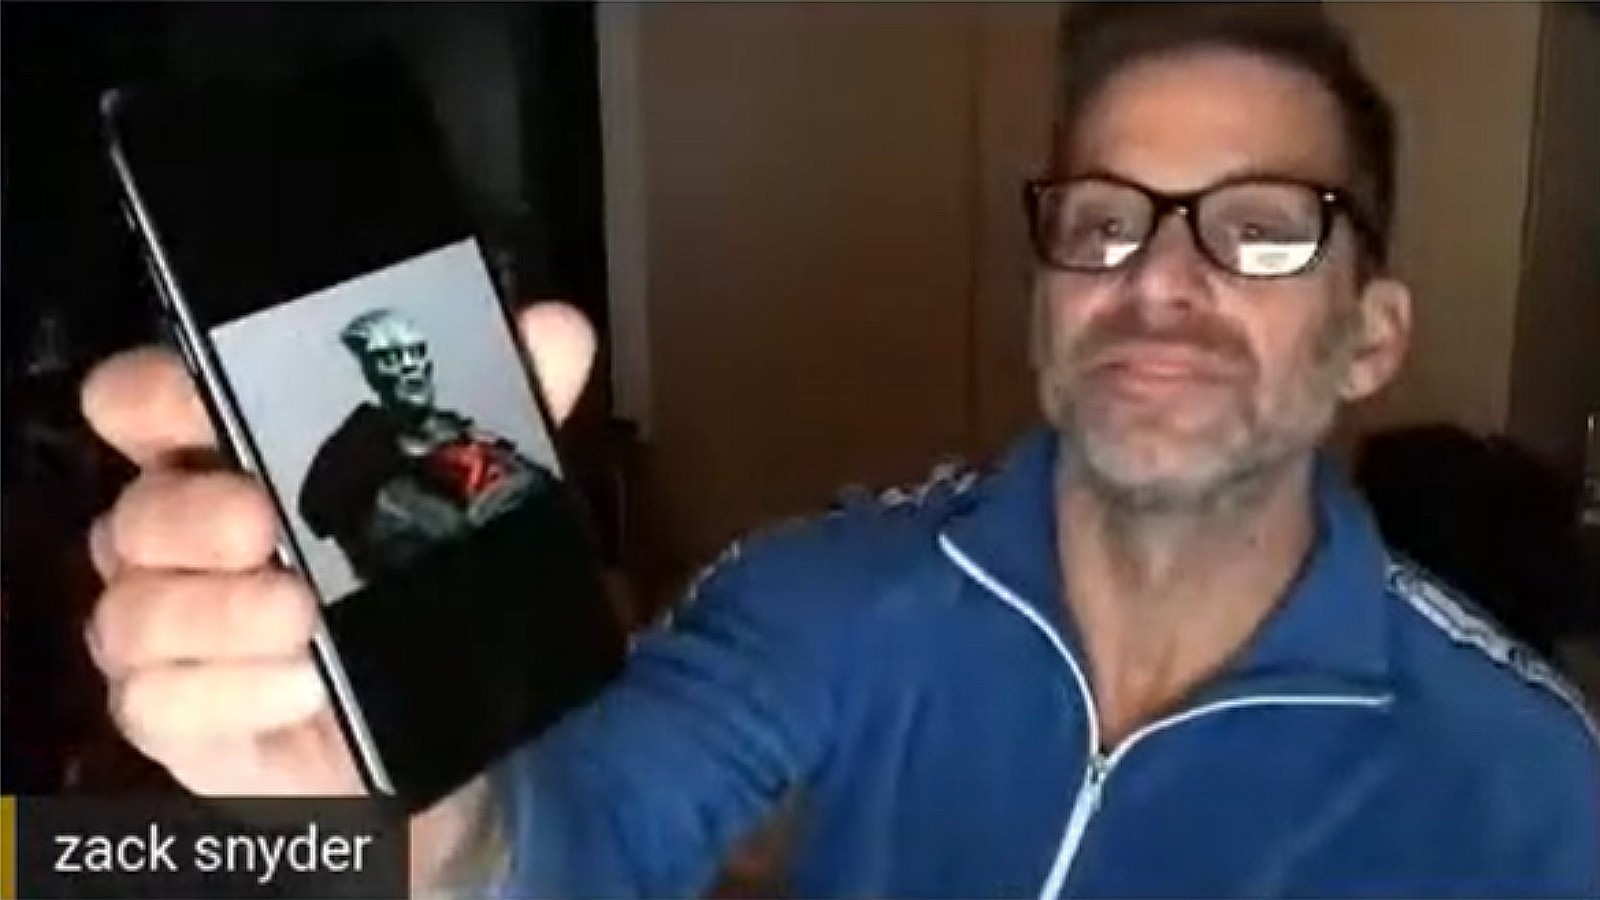 Zack Snyder sneak peek at Martian Manhunter